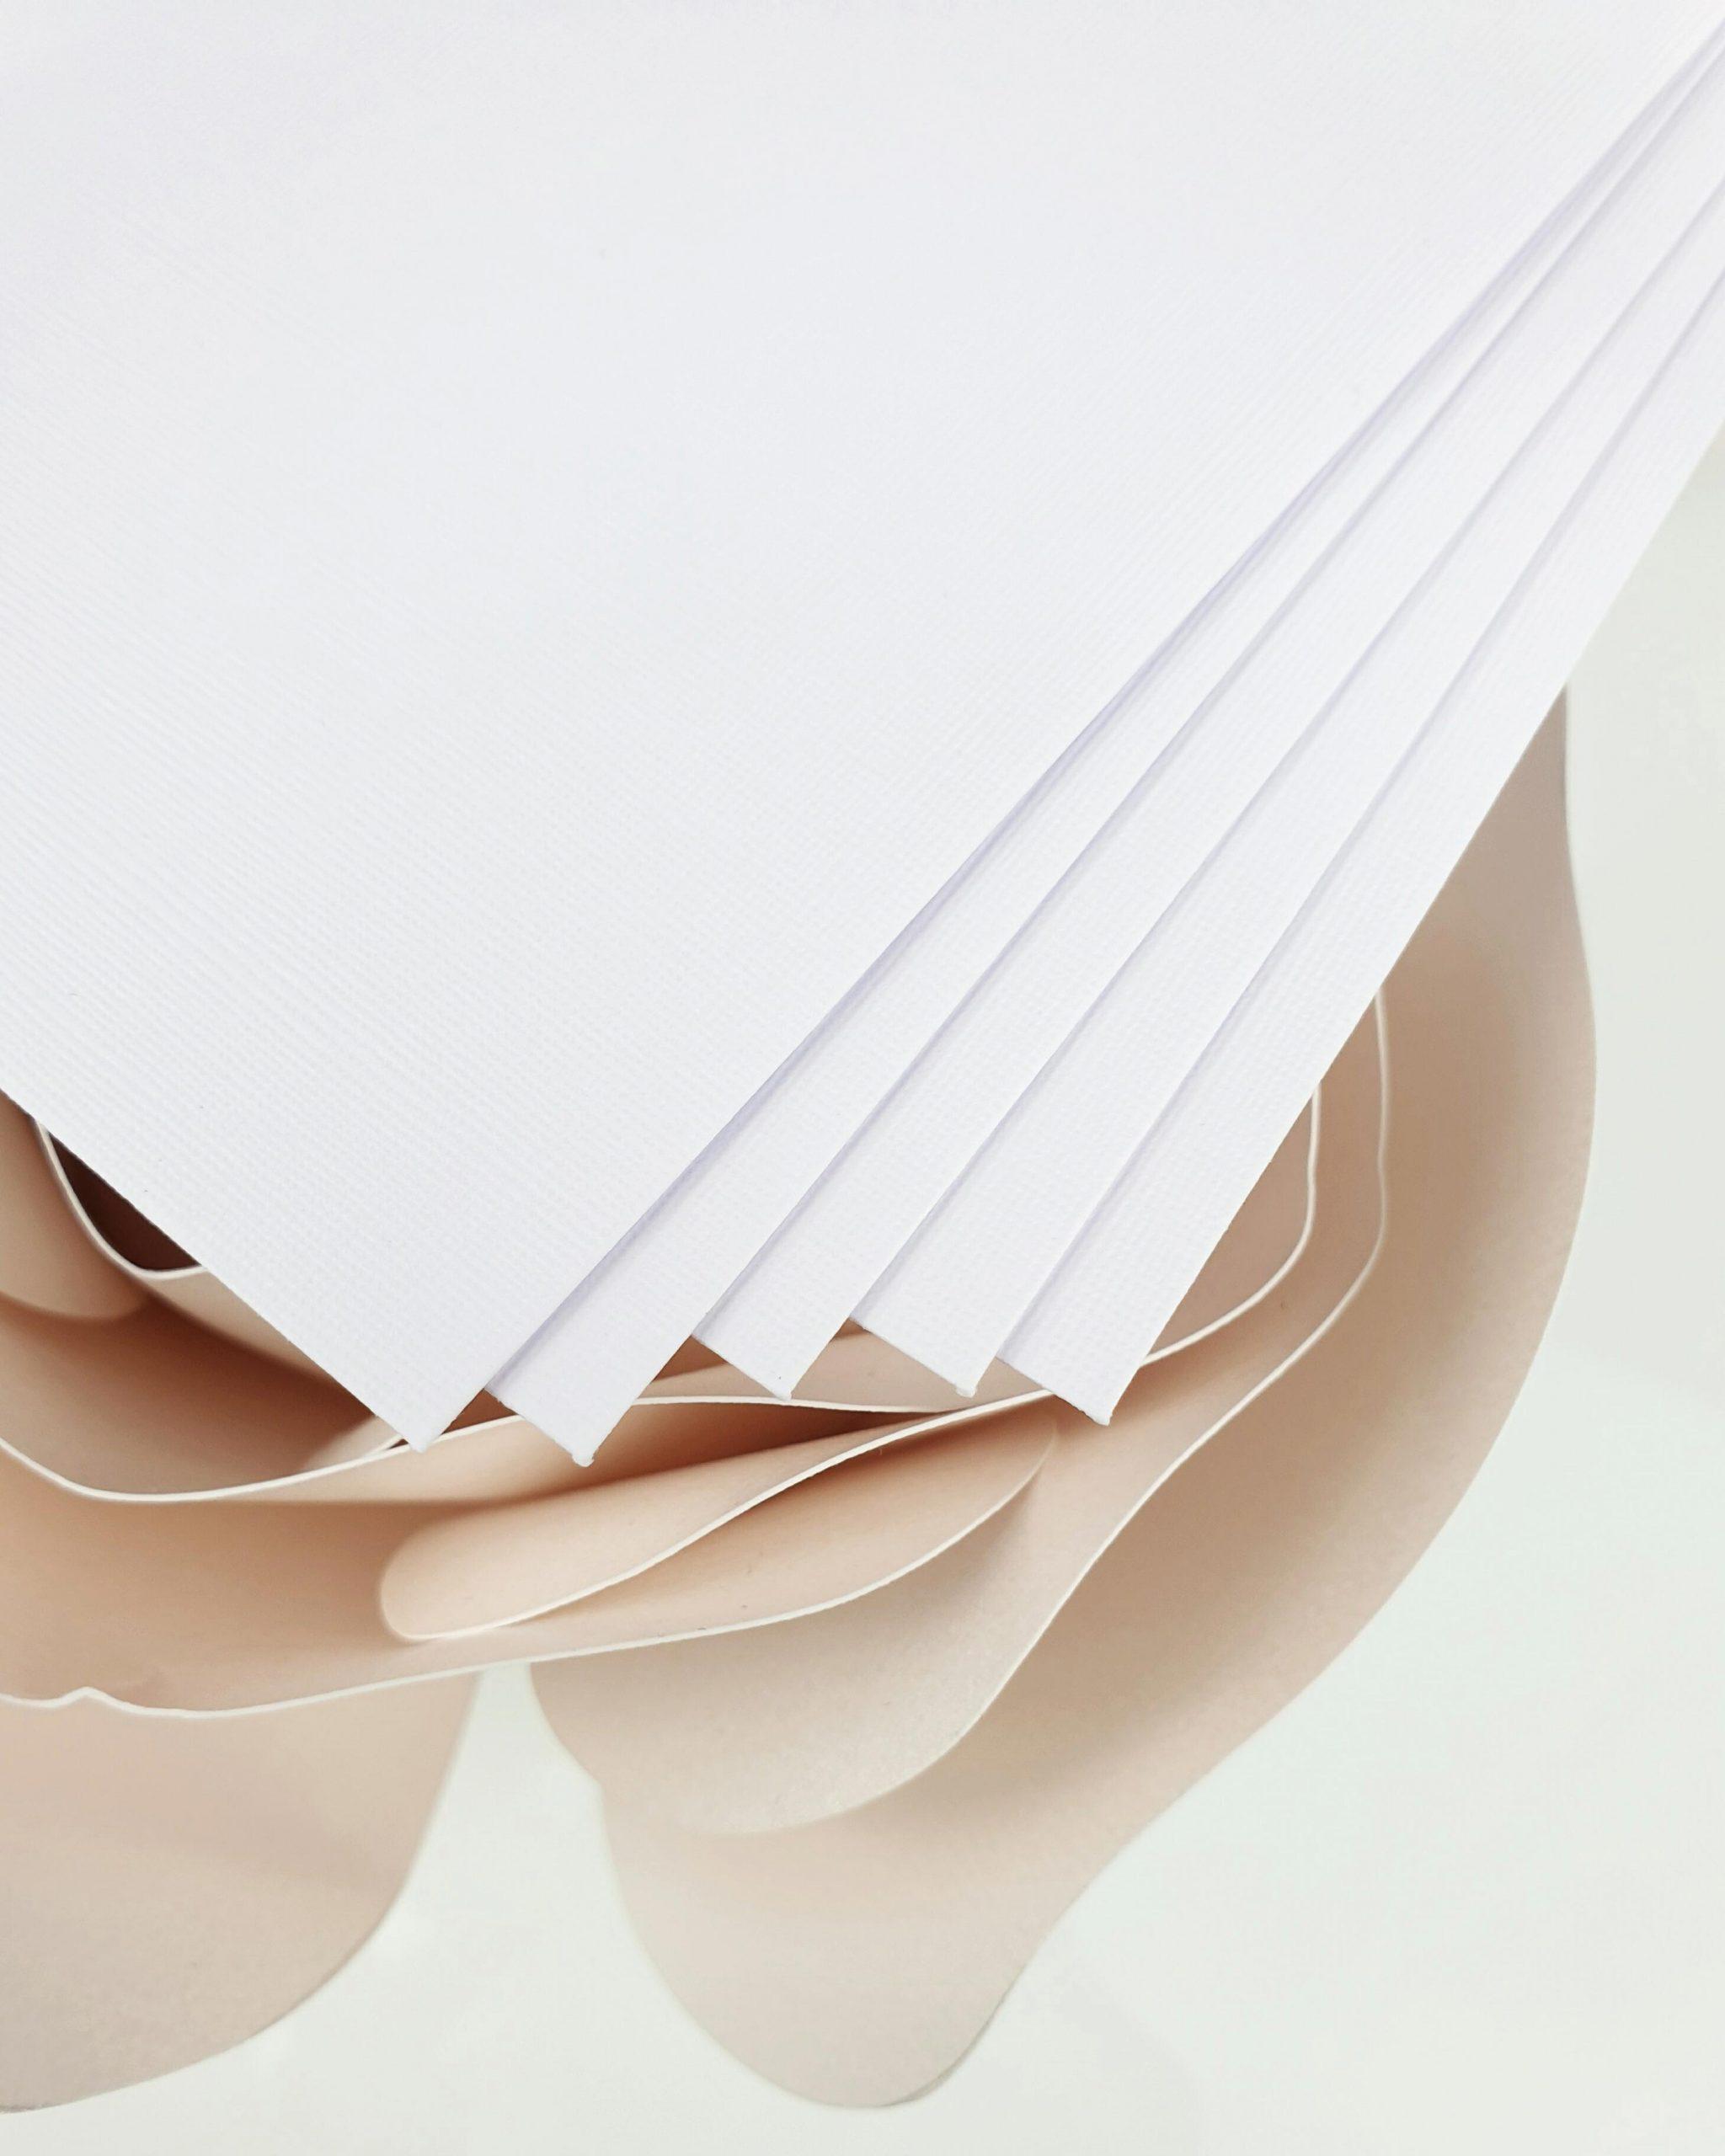 Koperta perłowa biała lniana do zaproszeń satynowych dodatki 4